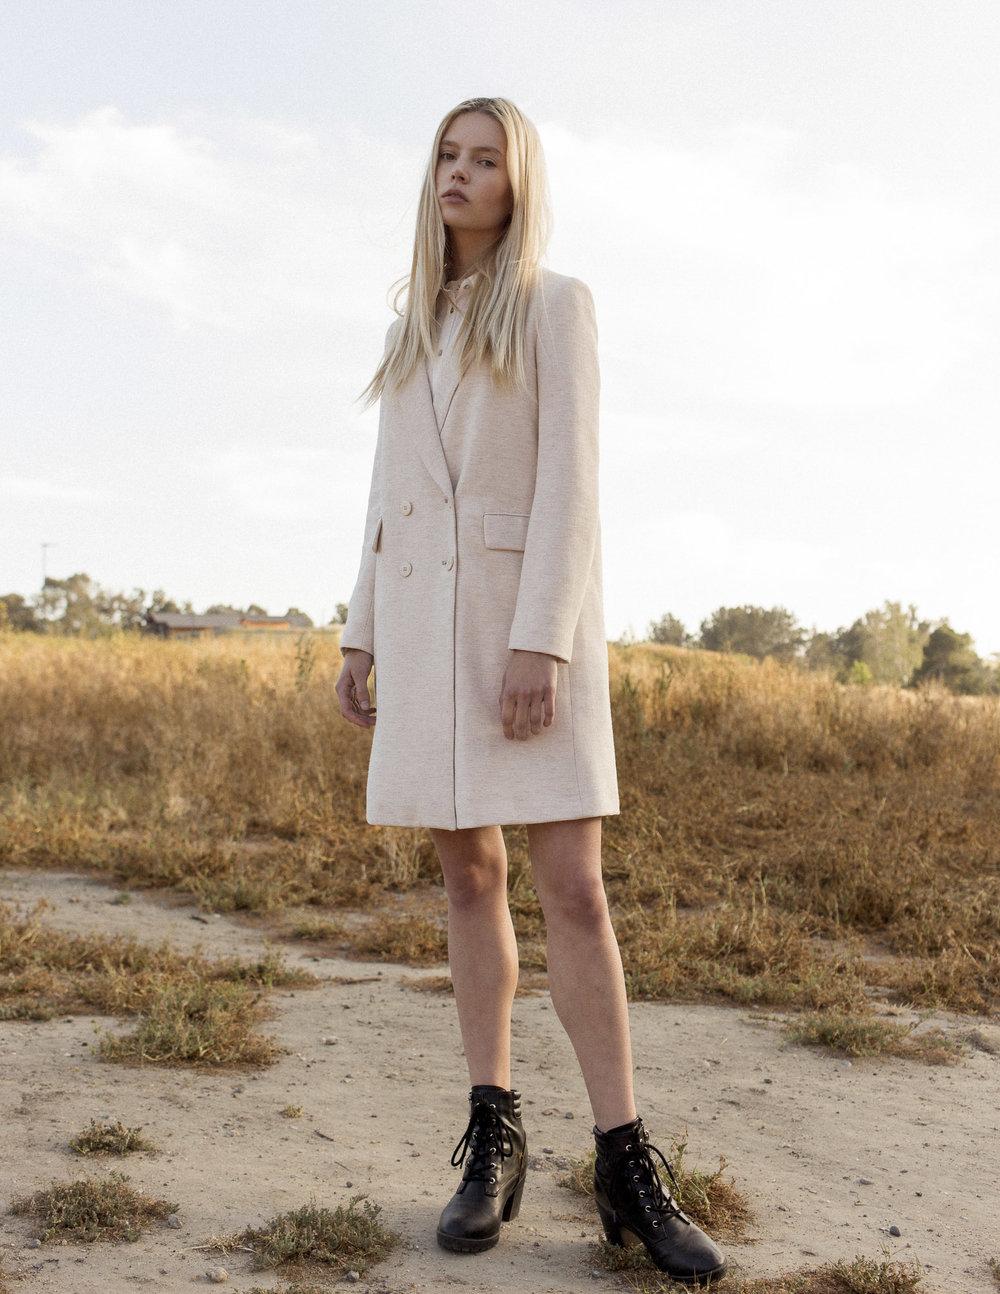 Zara coat, Mossimo boots